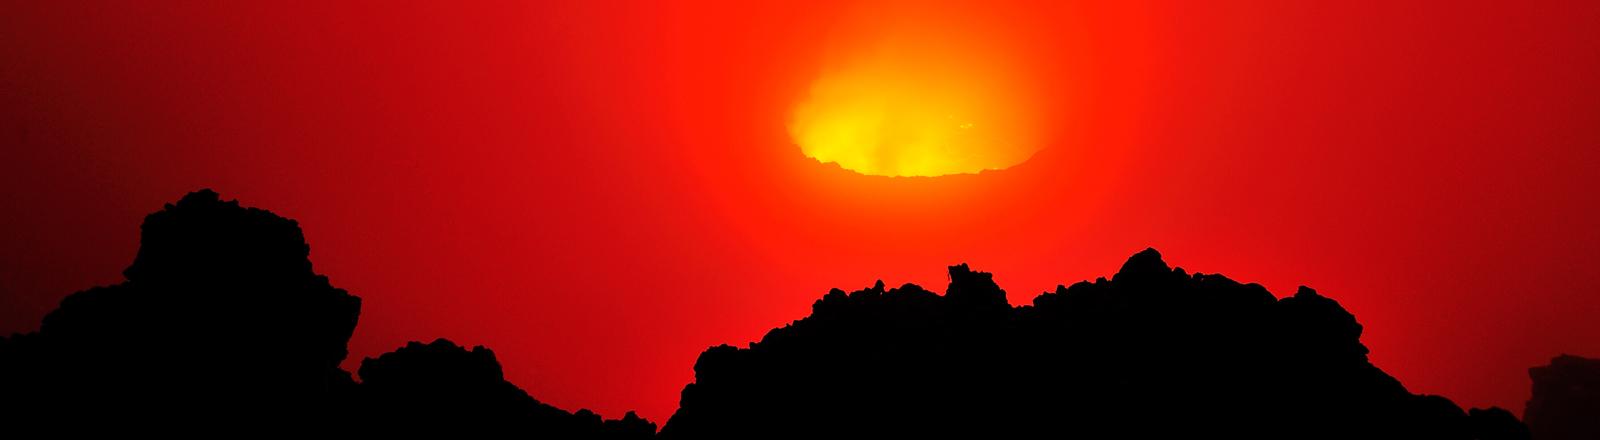 Im Vulkan Nyiragongo ist am 03.01.2014 ein zwei Kilometer großer Lavasee zu sehen, der größte der Erde.